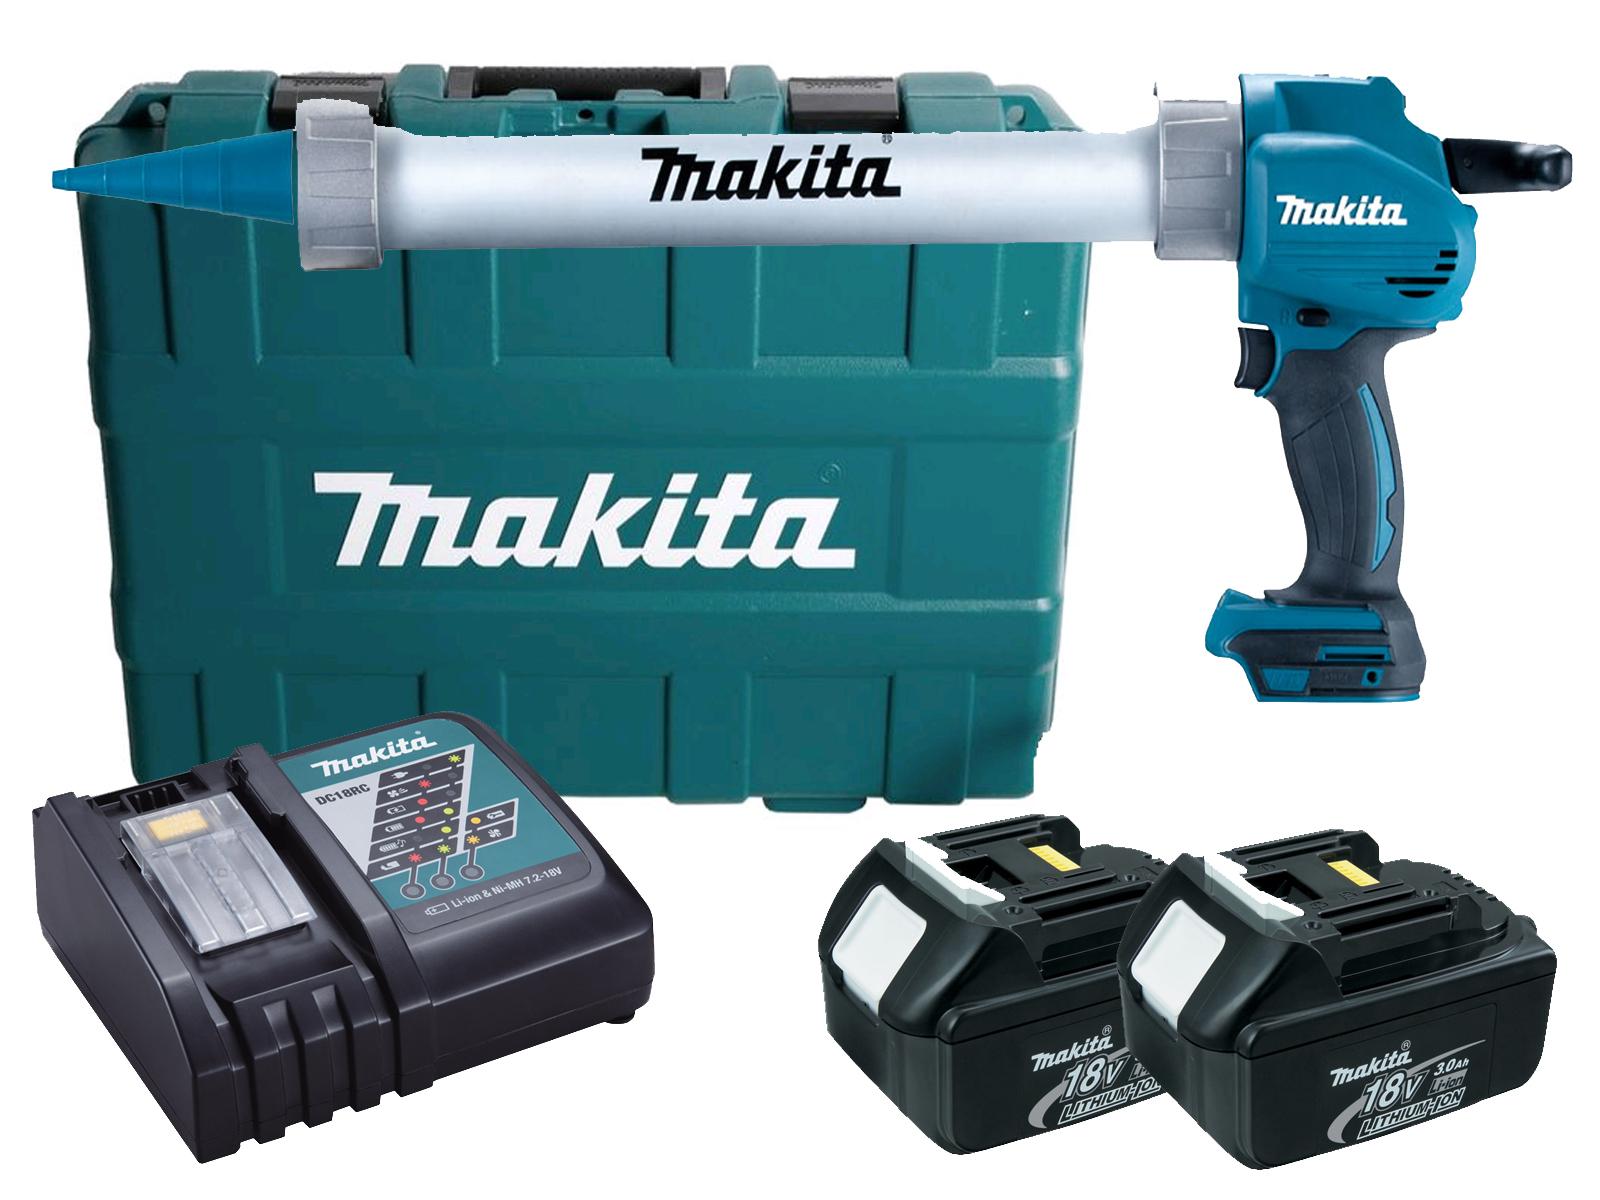 Makita 18V 600ml Aluminium Caulking Gun & Case - DCG180 - 3.0Ah Pack